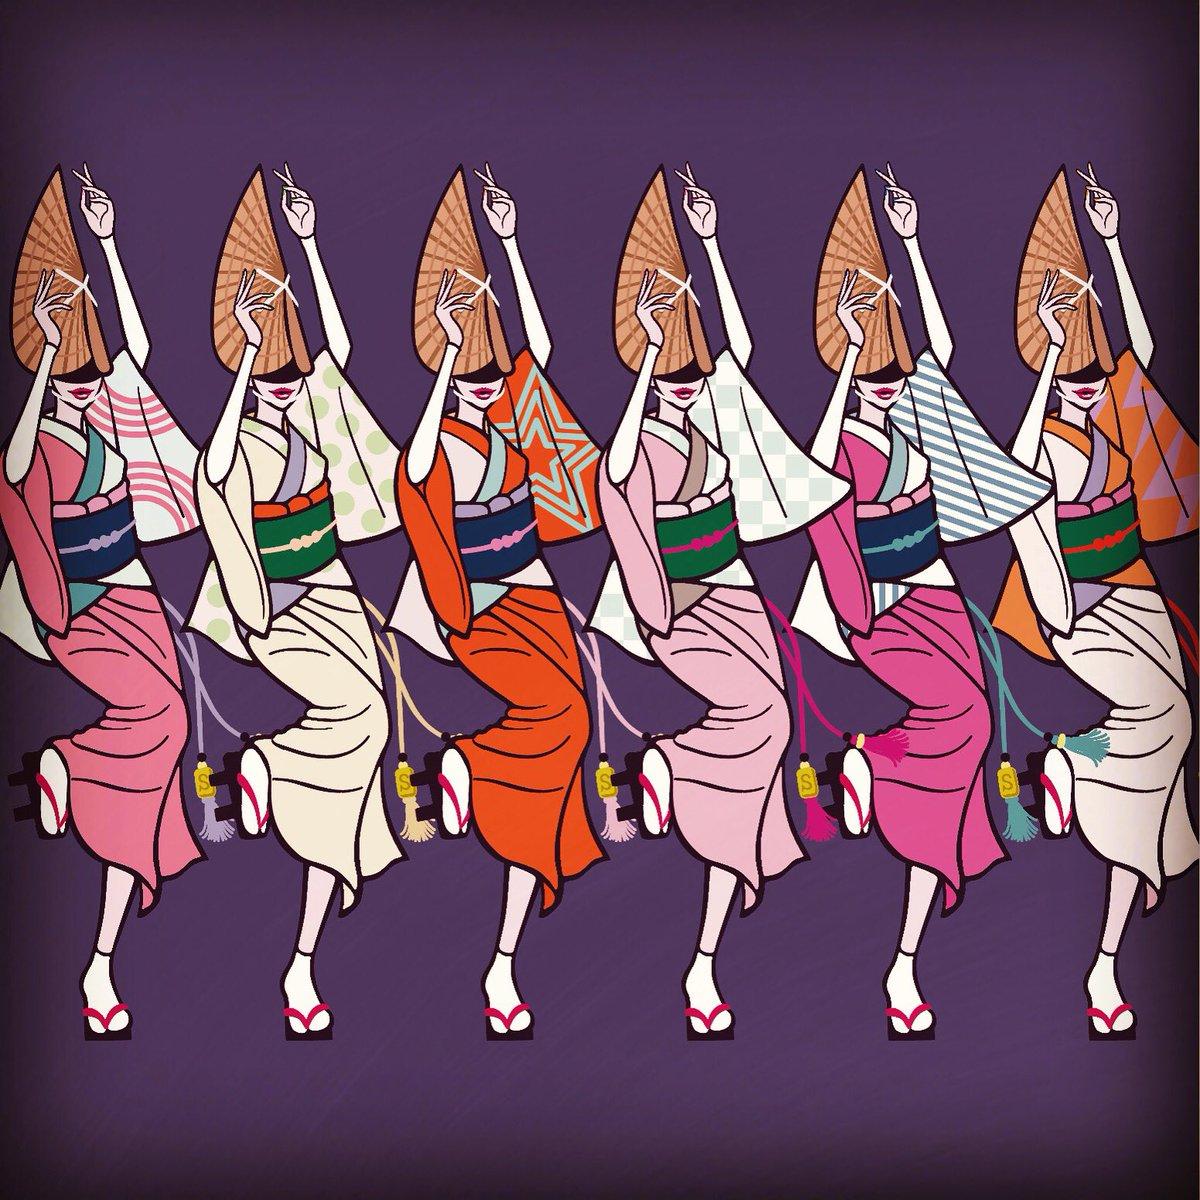 Sachiko Ishizuka On Twitter 阿波踊りってこんなに綺麗で妖艶で